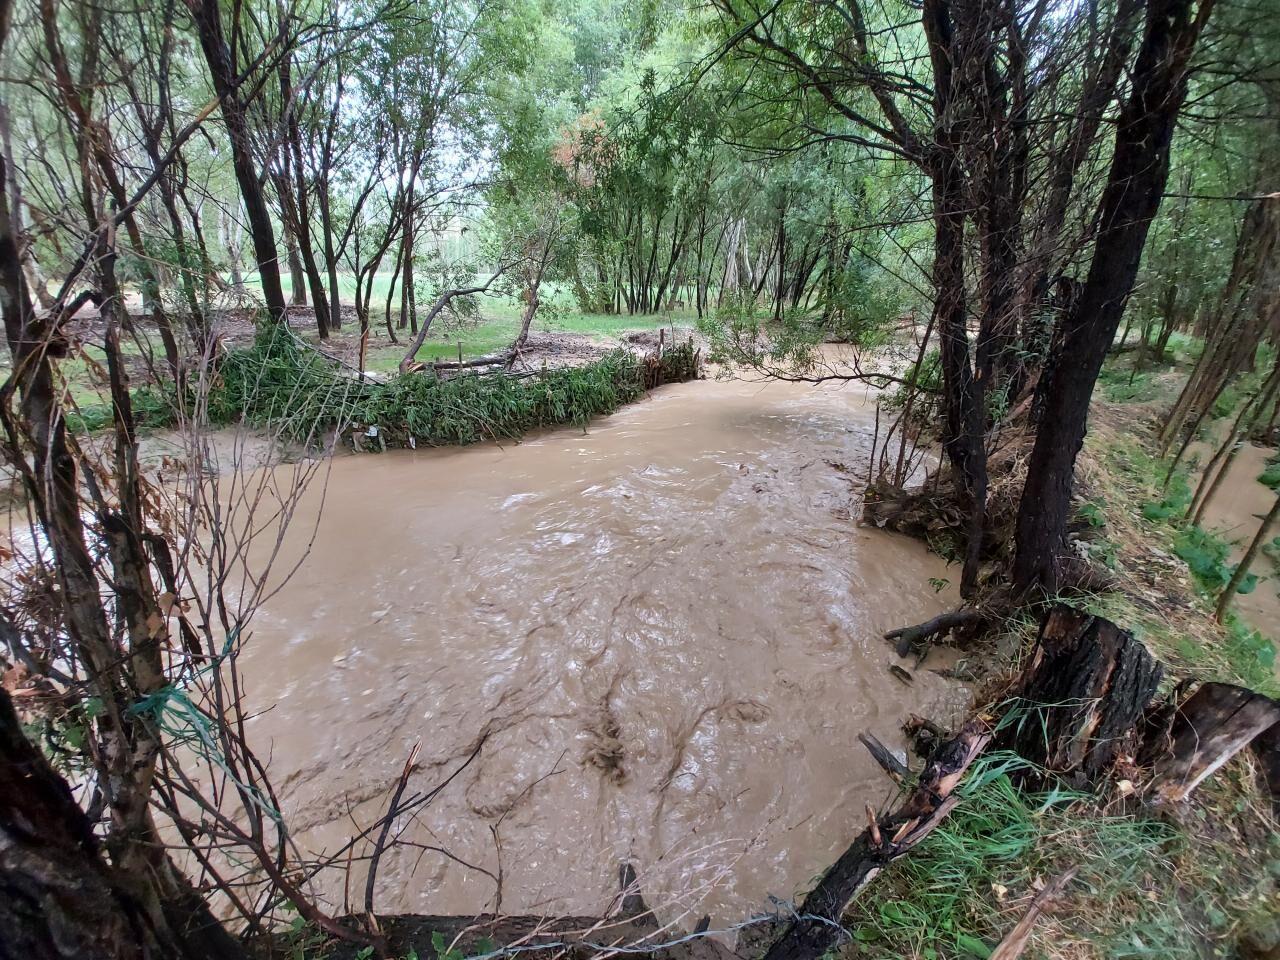 سیل و طوفان ۸۶۳ میلیارد ریال به کشاورزی خلخال خسارت زد